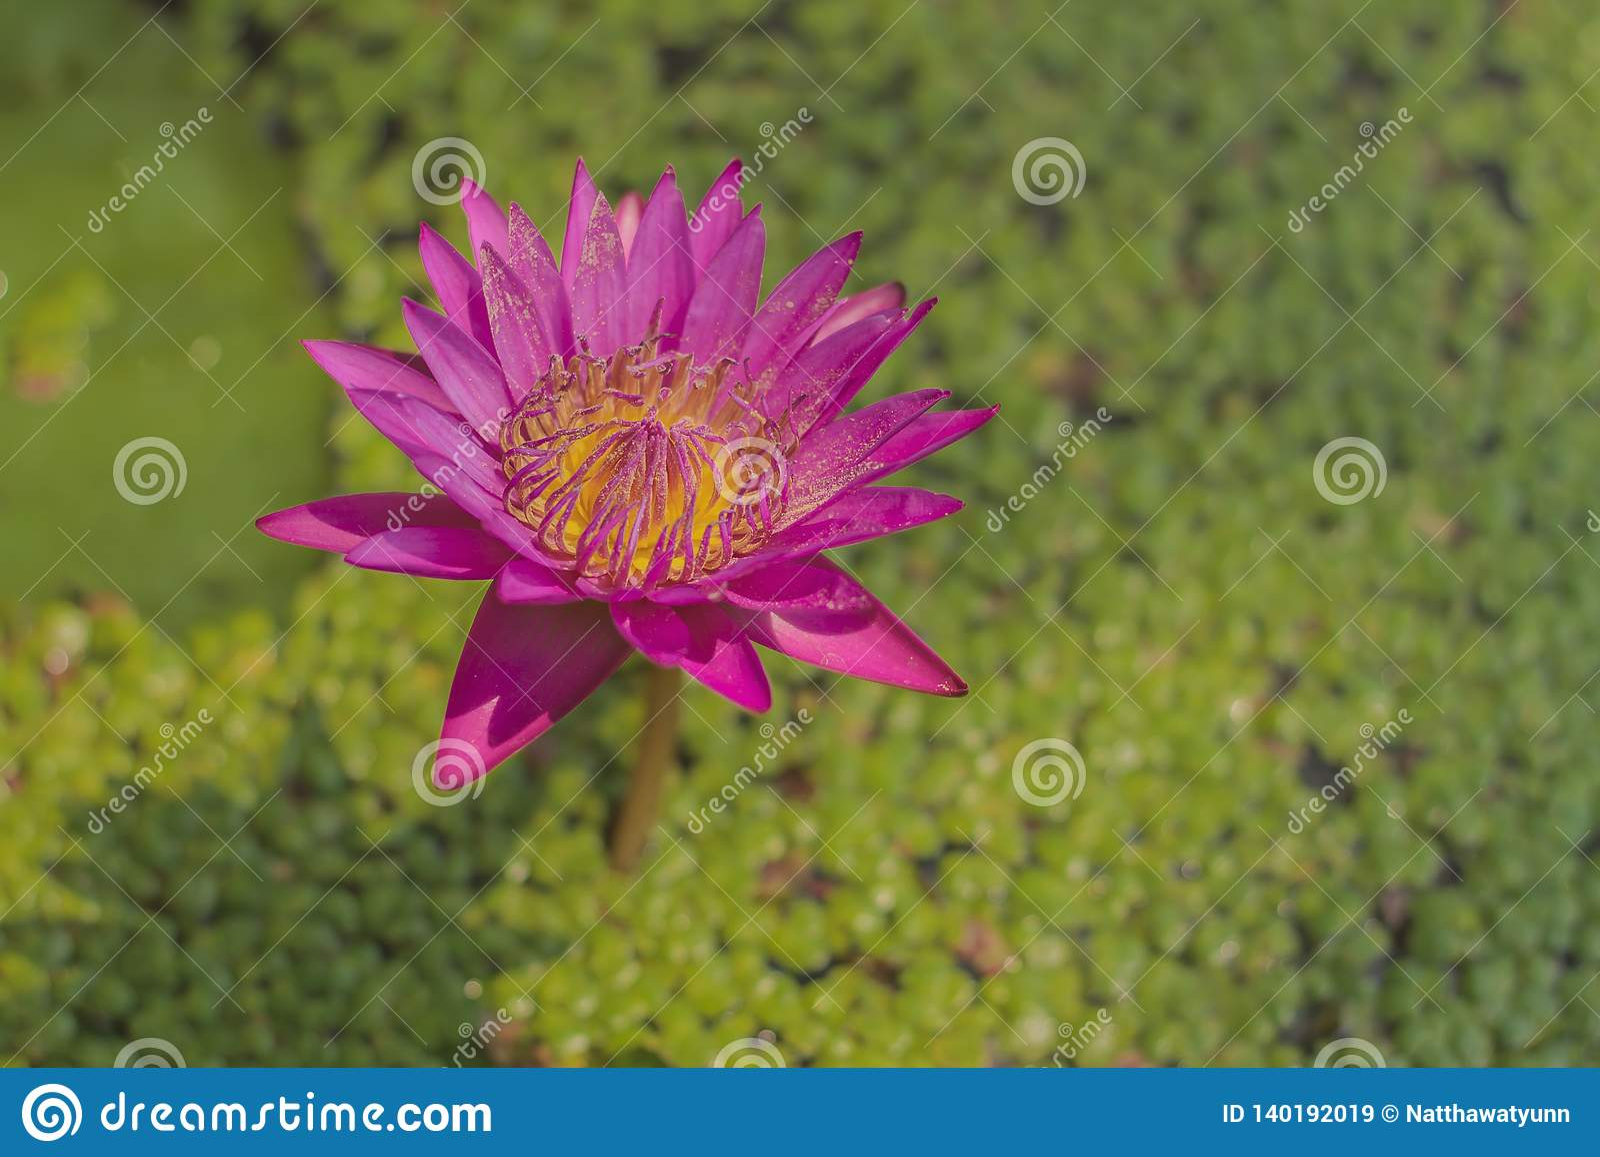 El stellata del Nymphaea o el lirio de agua con las aletas rosadas y el polen amarillo es una planta de agua con un tronco subter